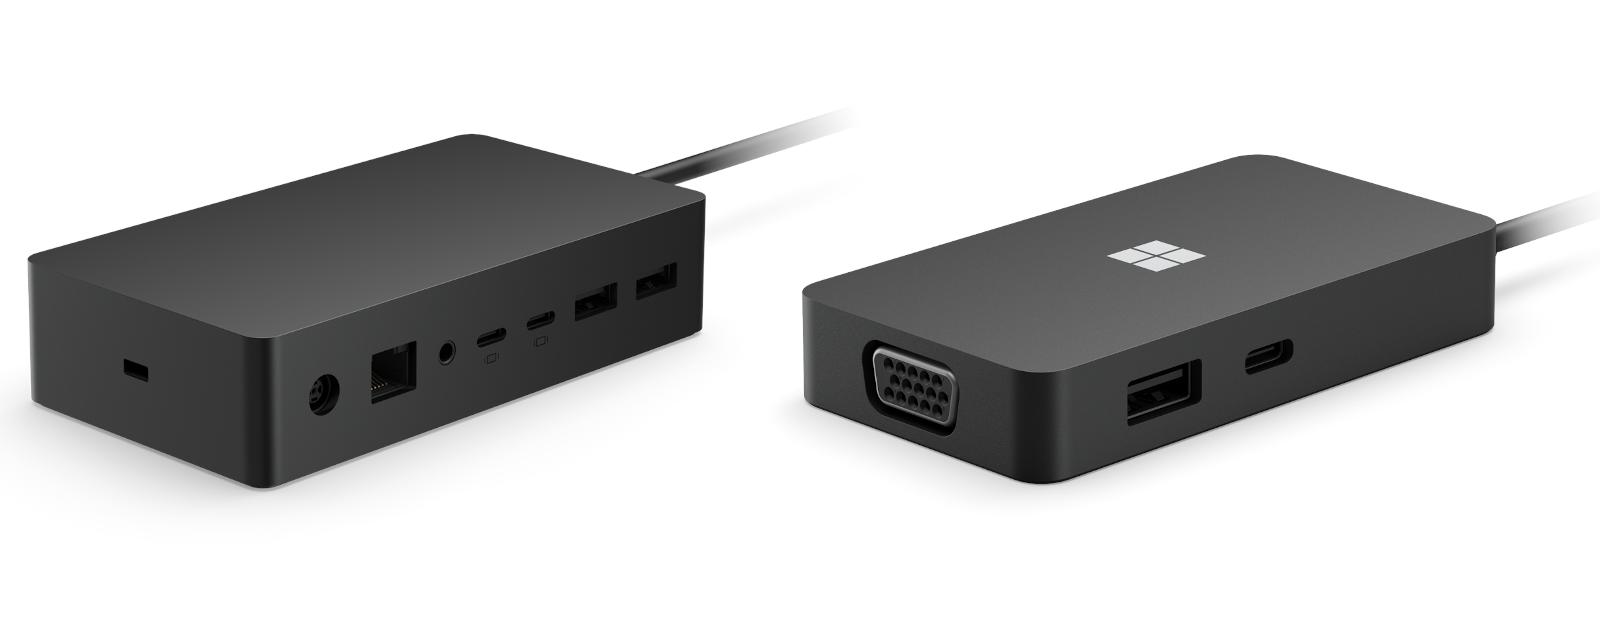 Das Surface Dock 2 und das Surface USB-C Travel Hub in der Seitenansicht